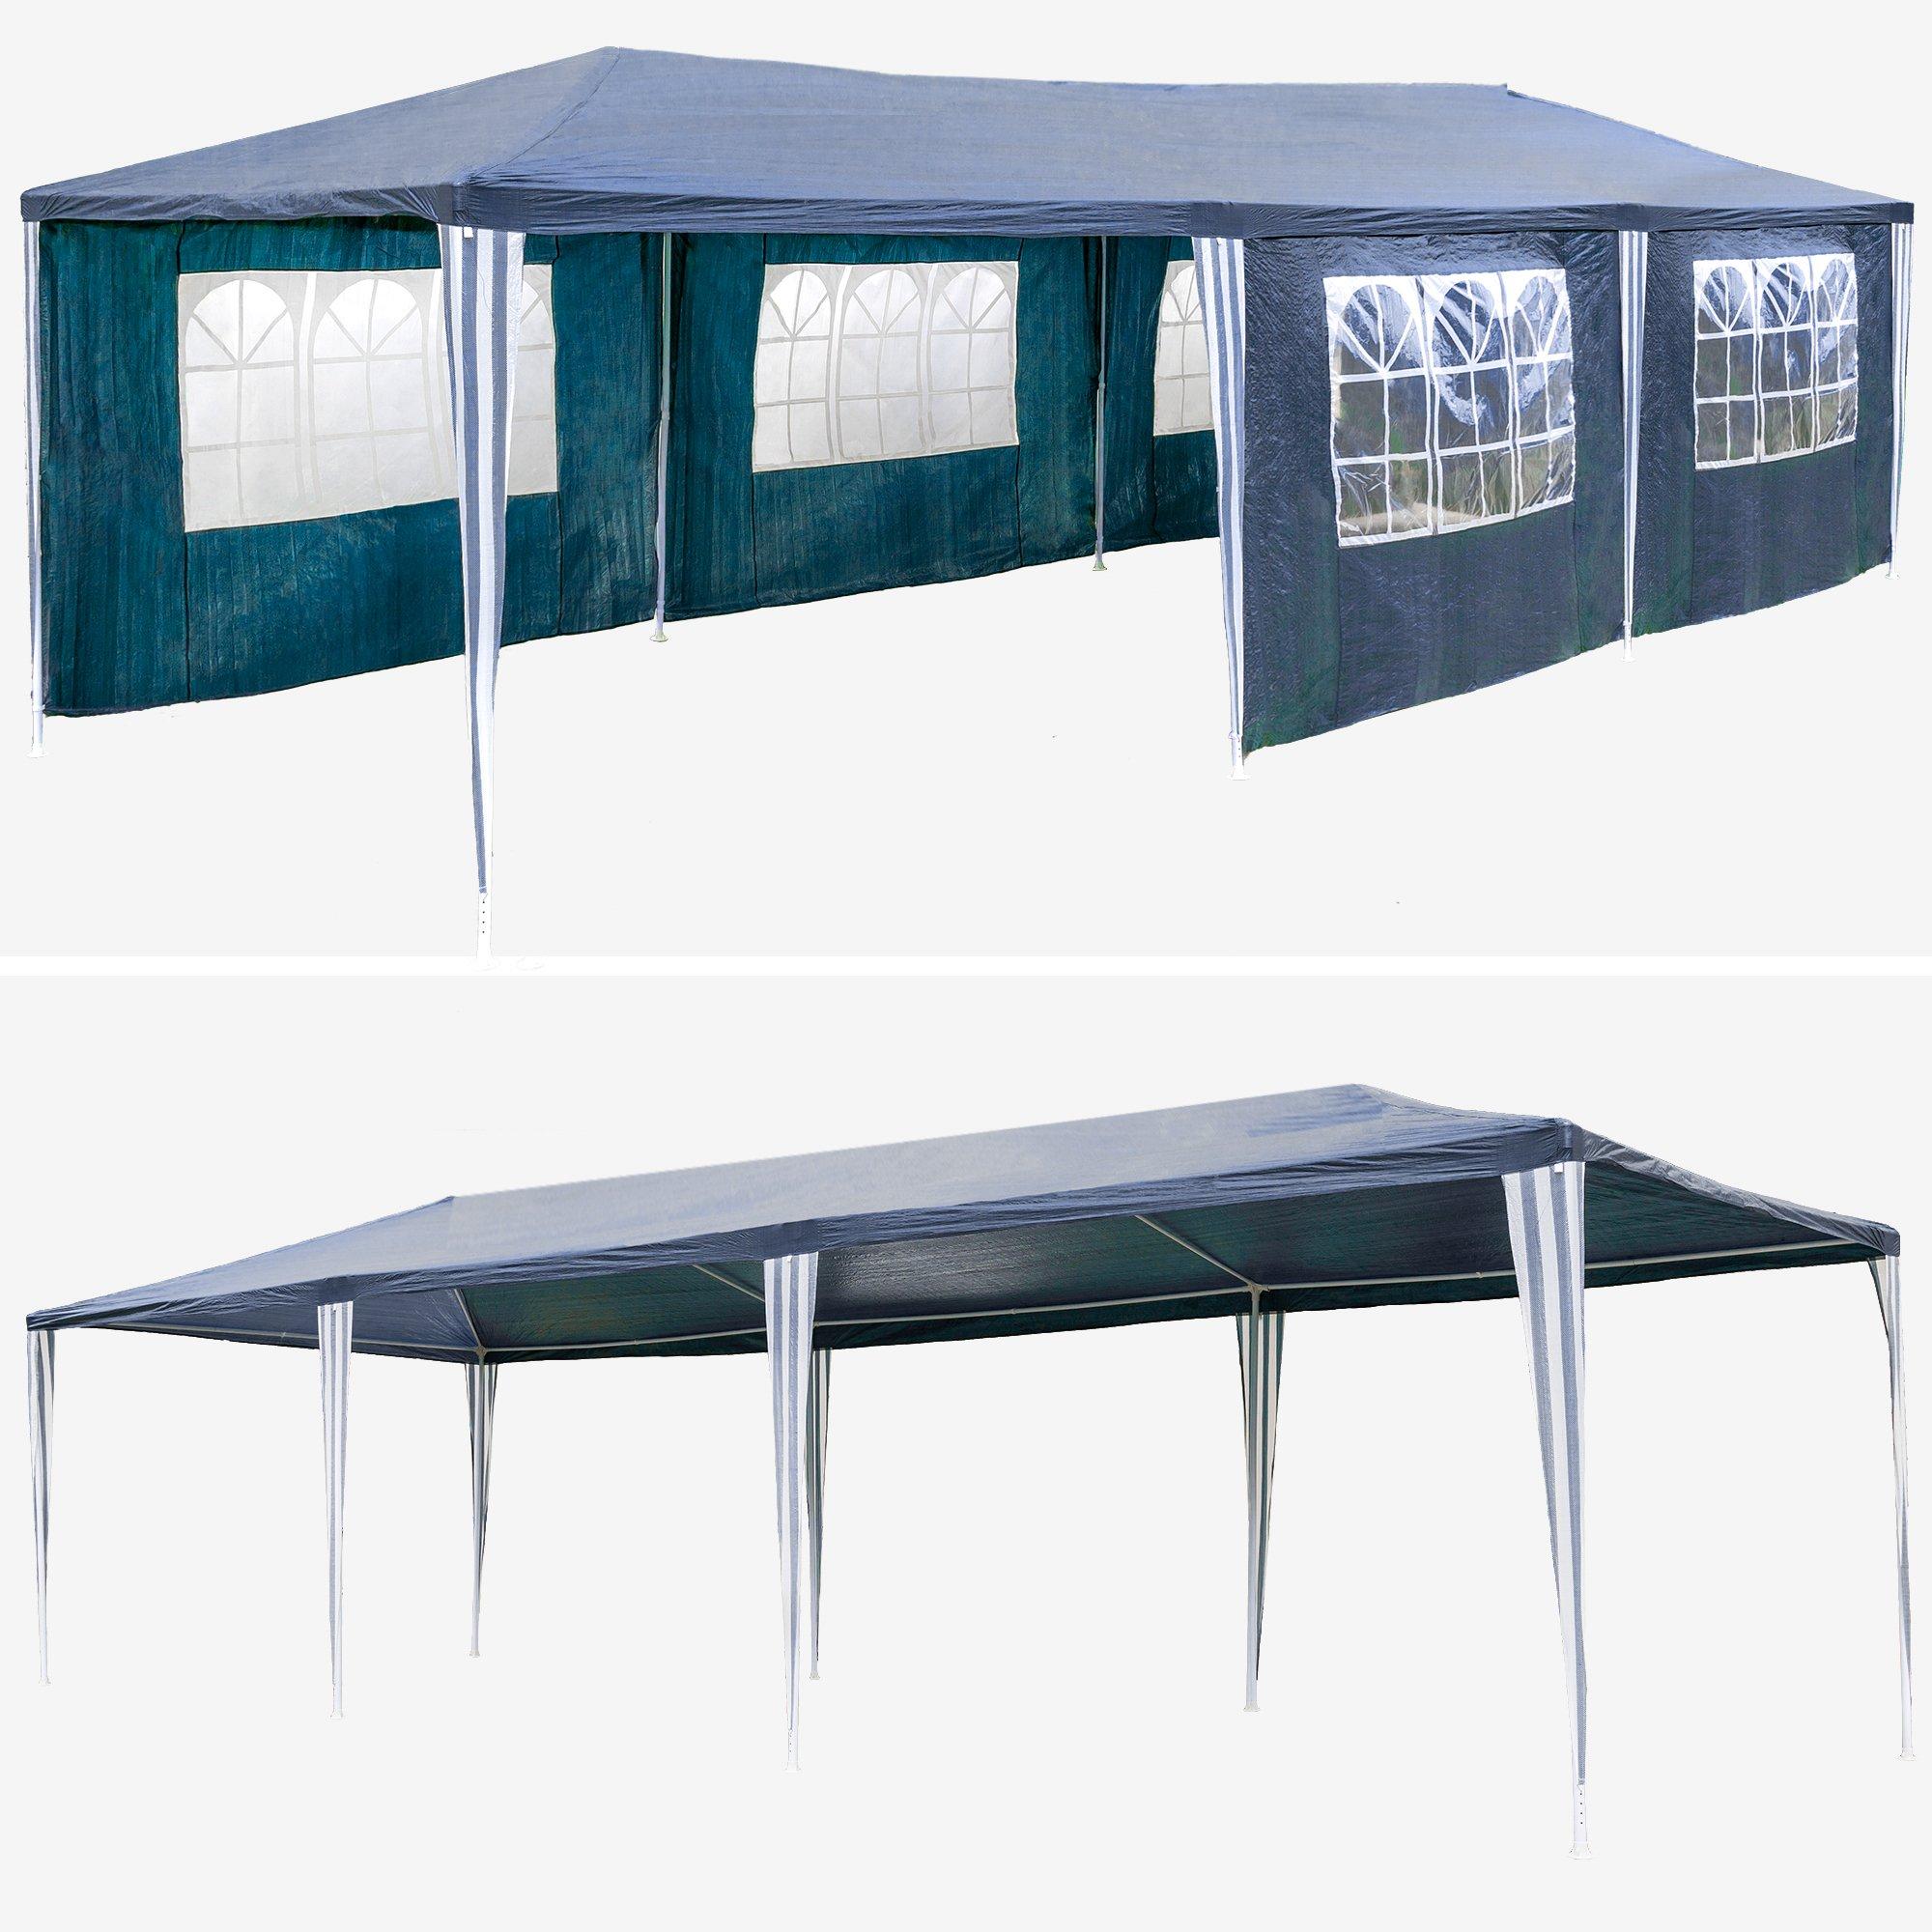 TecTake 800085 - Carpa Pabellón de Jardín, Tienda de 9x3m, Ideal para Eventos y Fiestas (Azul | No. 400935): Amazon.es: Jardín